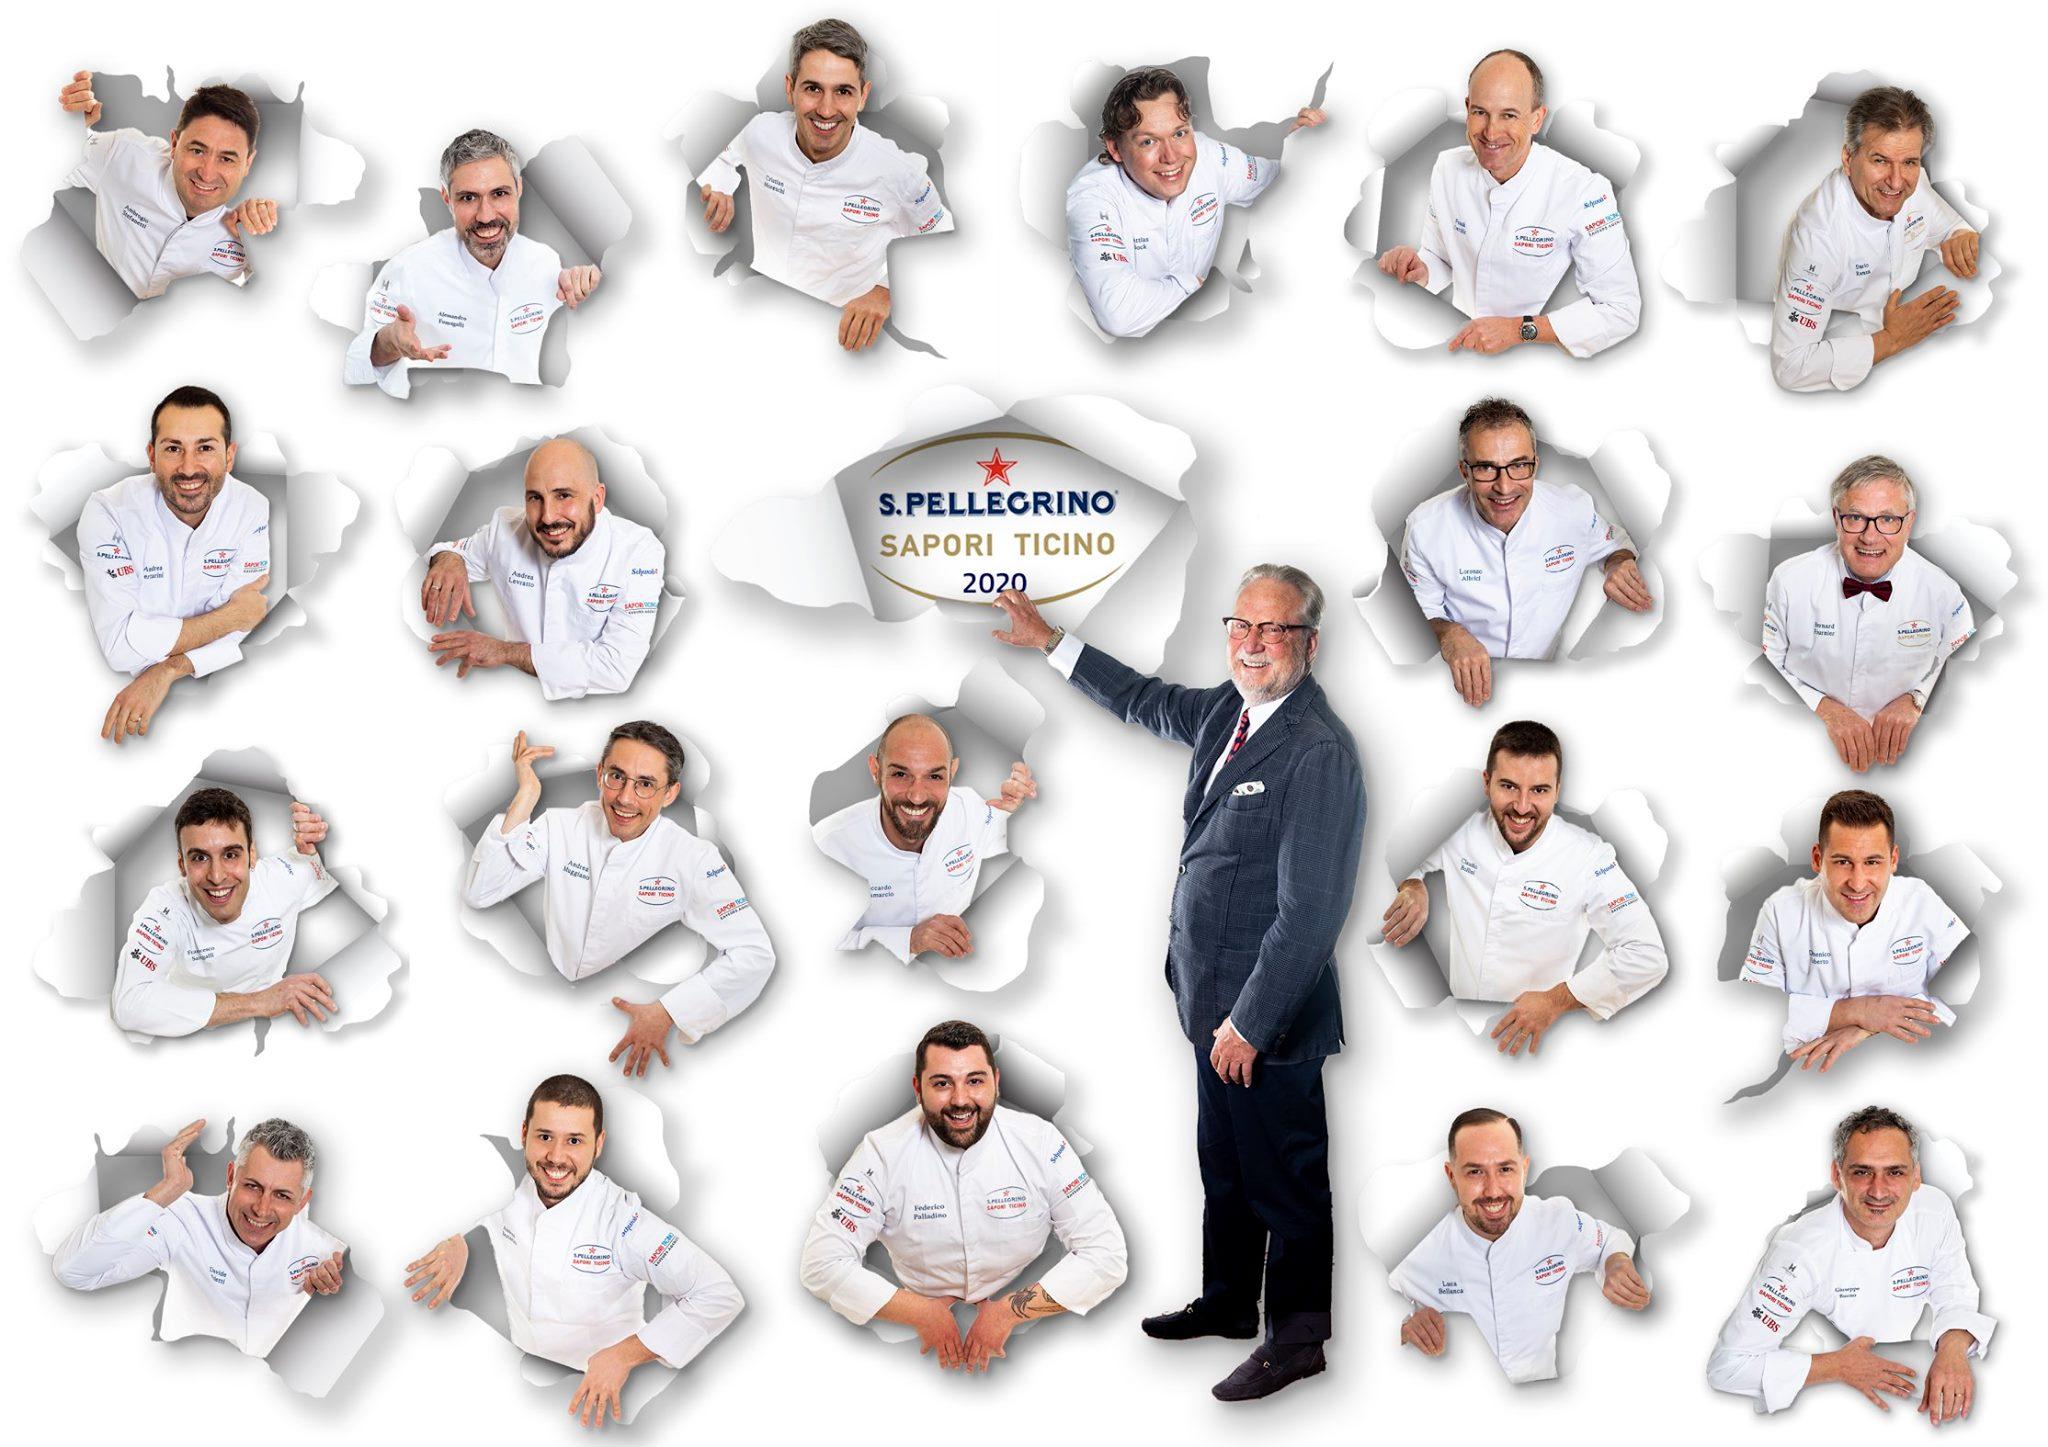 S.Pellegrino Sapori Ticino 2020 Chefs